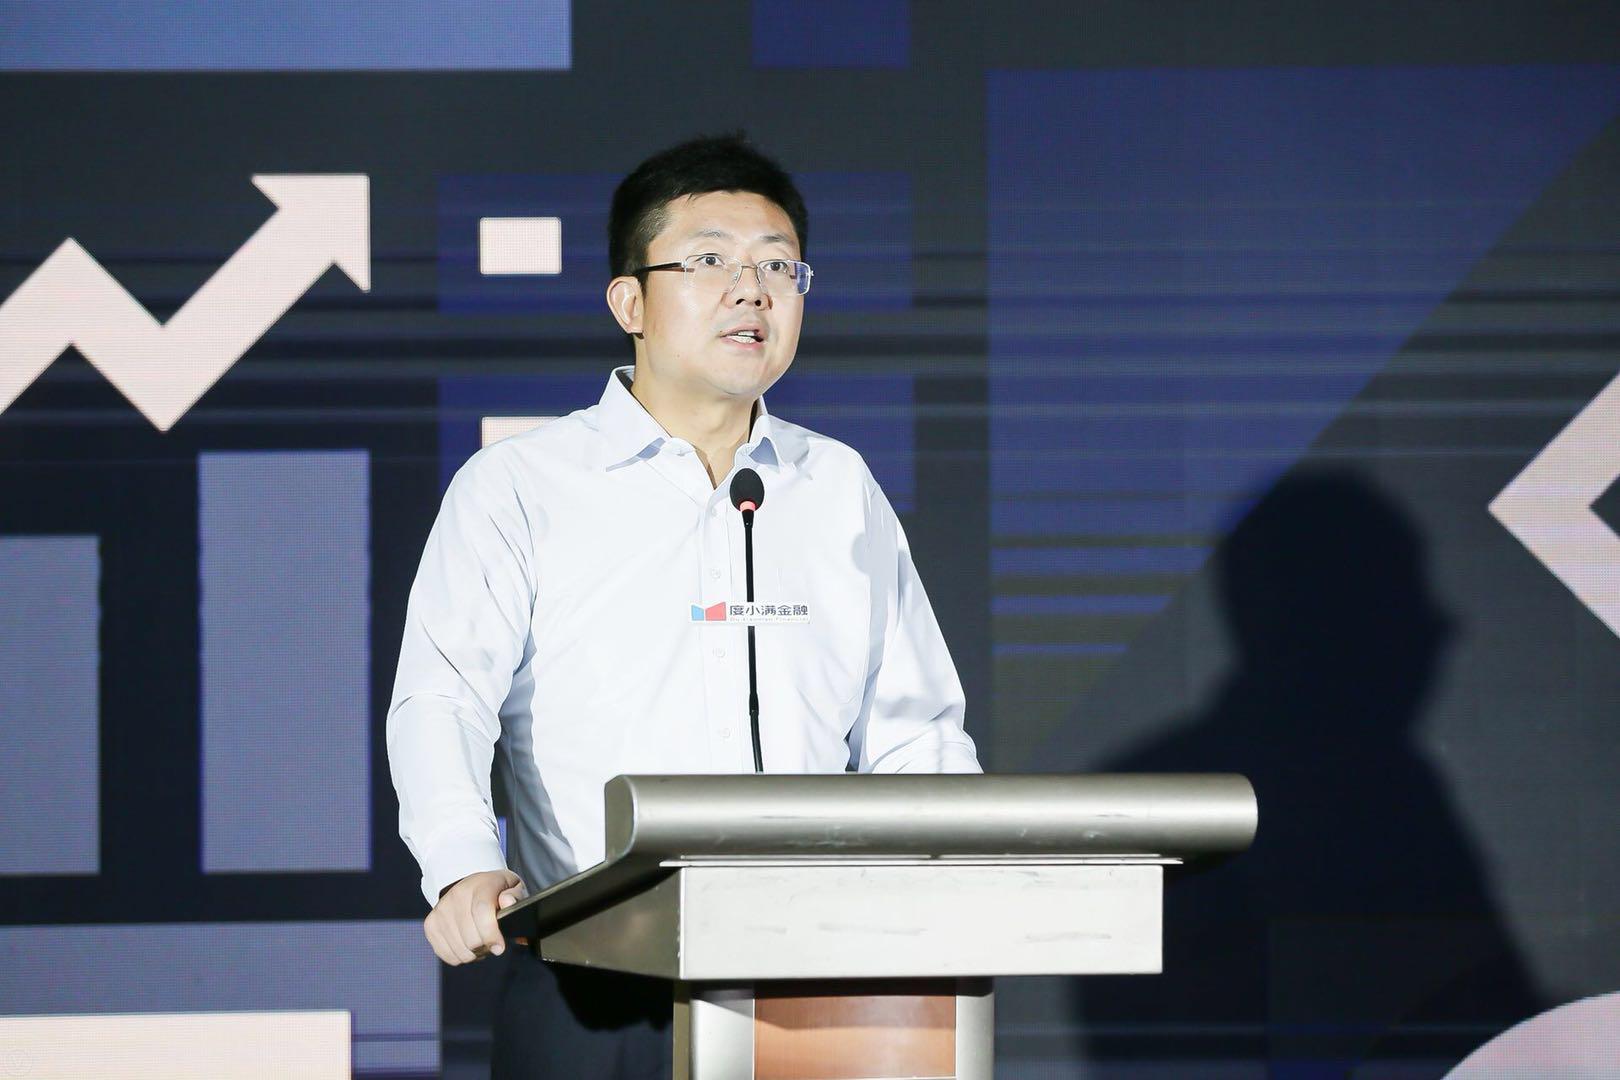 度小满CEO朱光:2019年中国消费金融发展将进入黄金期